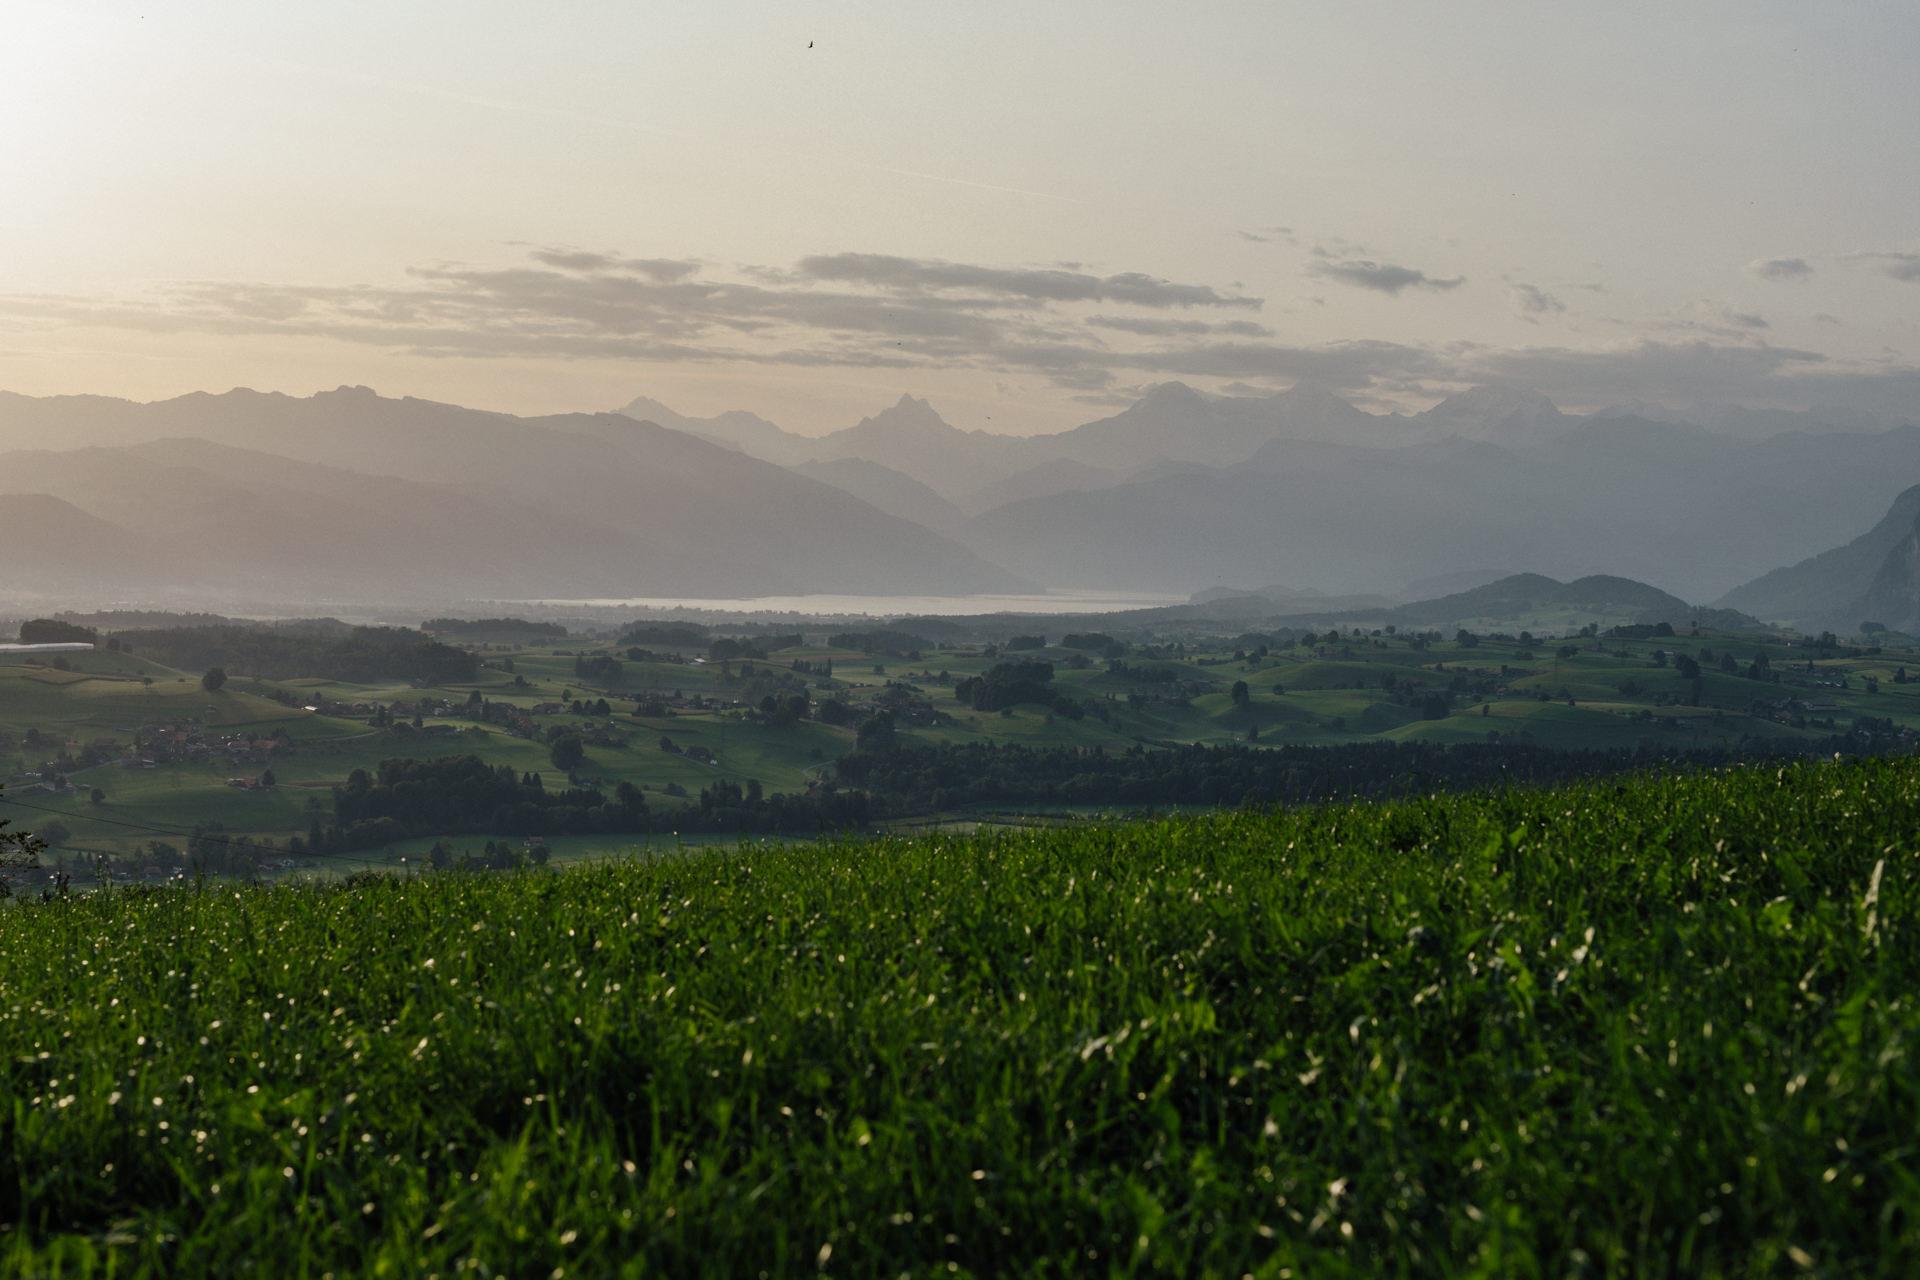 Landschaftsfoto vom Thunersee mit 50mm Teleobjektiv fotografiert